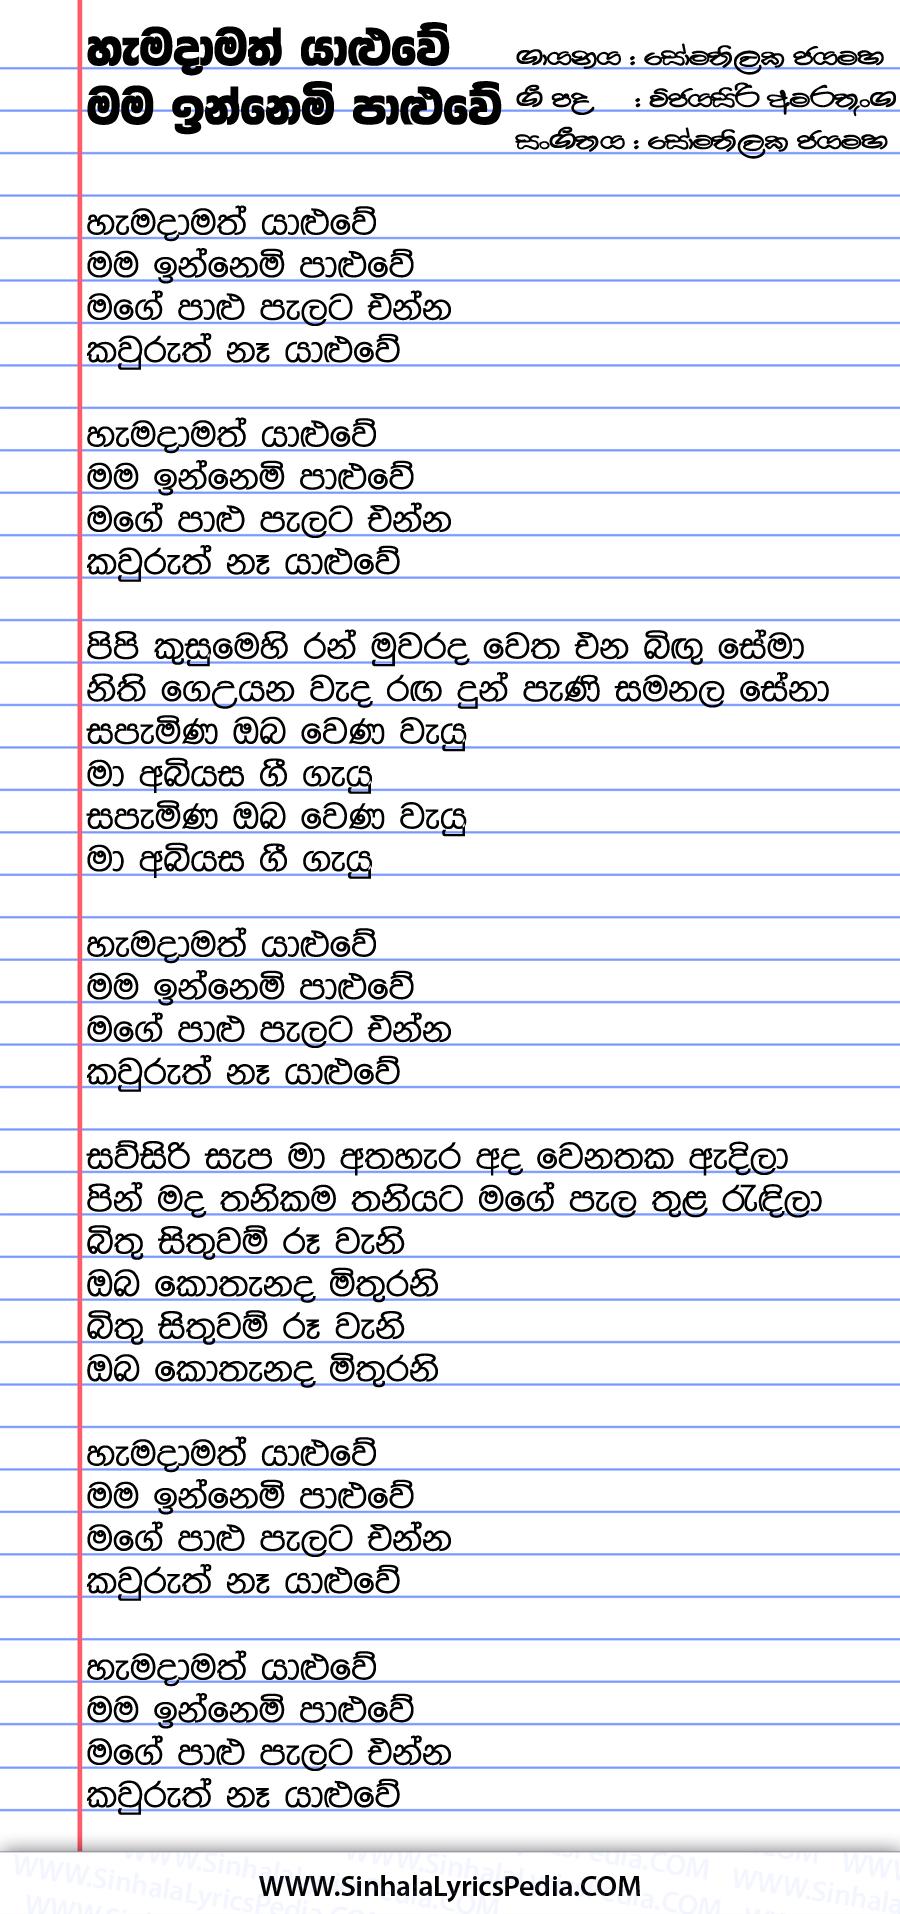 Hamadamath Yaluwe Mama Innemi Paluwe Song Lyrics